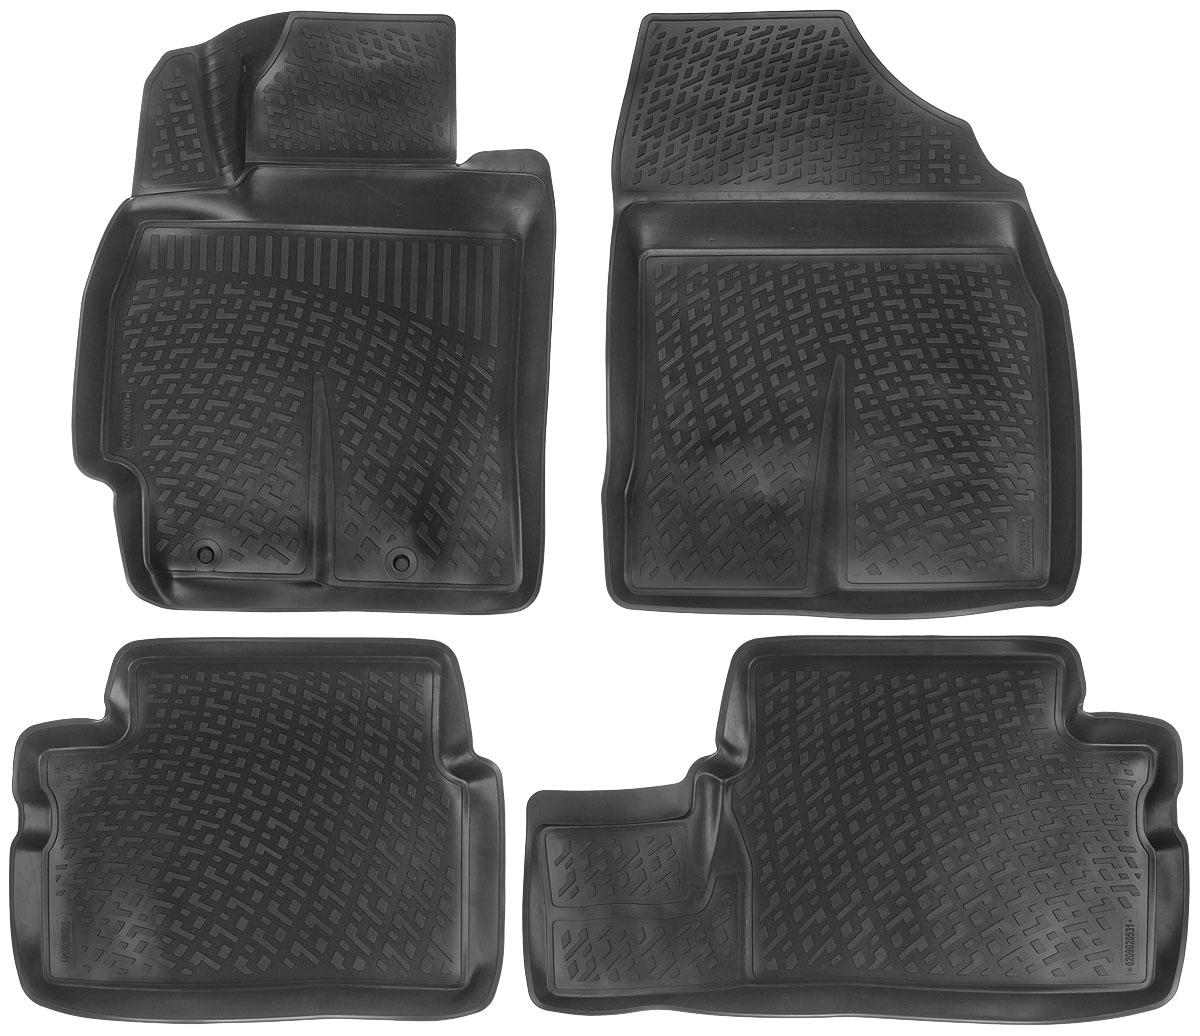 Набор автомобильных ковриков L.Locker Toyota Corolla/Auris 2007, в салон, 4 штFS-80264Набор L.Locker Toyota Corolla/Auris 2007, изготовленный из полиуретана, состоит из 4 антискользящих 3D ковриков, которые производятся индивидуально для каждой модели автомобиля. Изделие точно повторяет геометрию пола автомобиля, имеет высокий борт, обладает повышенной износоустойчивостью, лишено резкого запаха и сохраняет свои потребительские свойства в широком диапазоне температур от -50°С до +50°С. Набор подходит для автомобилей с 2007 года выпуска. Комплектация: 4 шт.Размер ковриков: 73 см х 58 см; 60 см х 46 см; 80 см х 46 см; 74 см х 57 см.